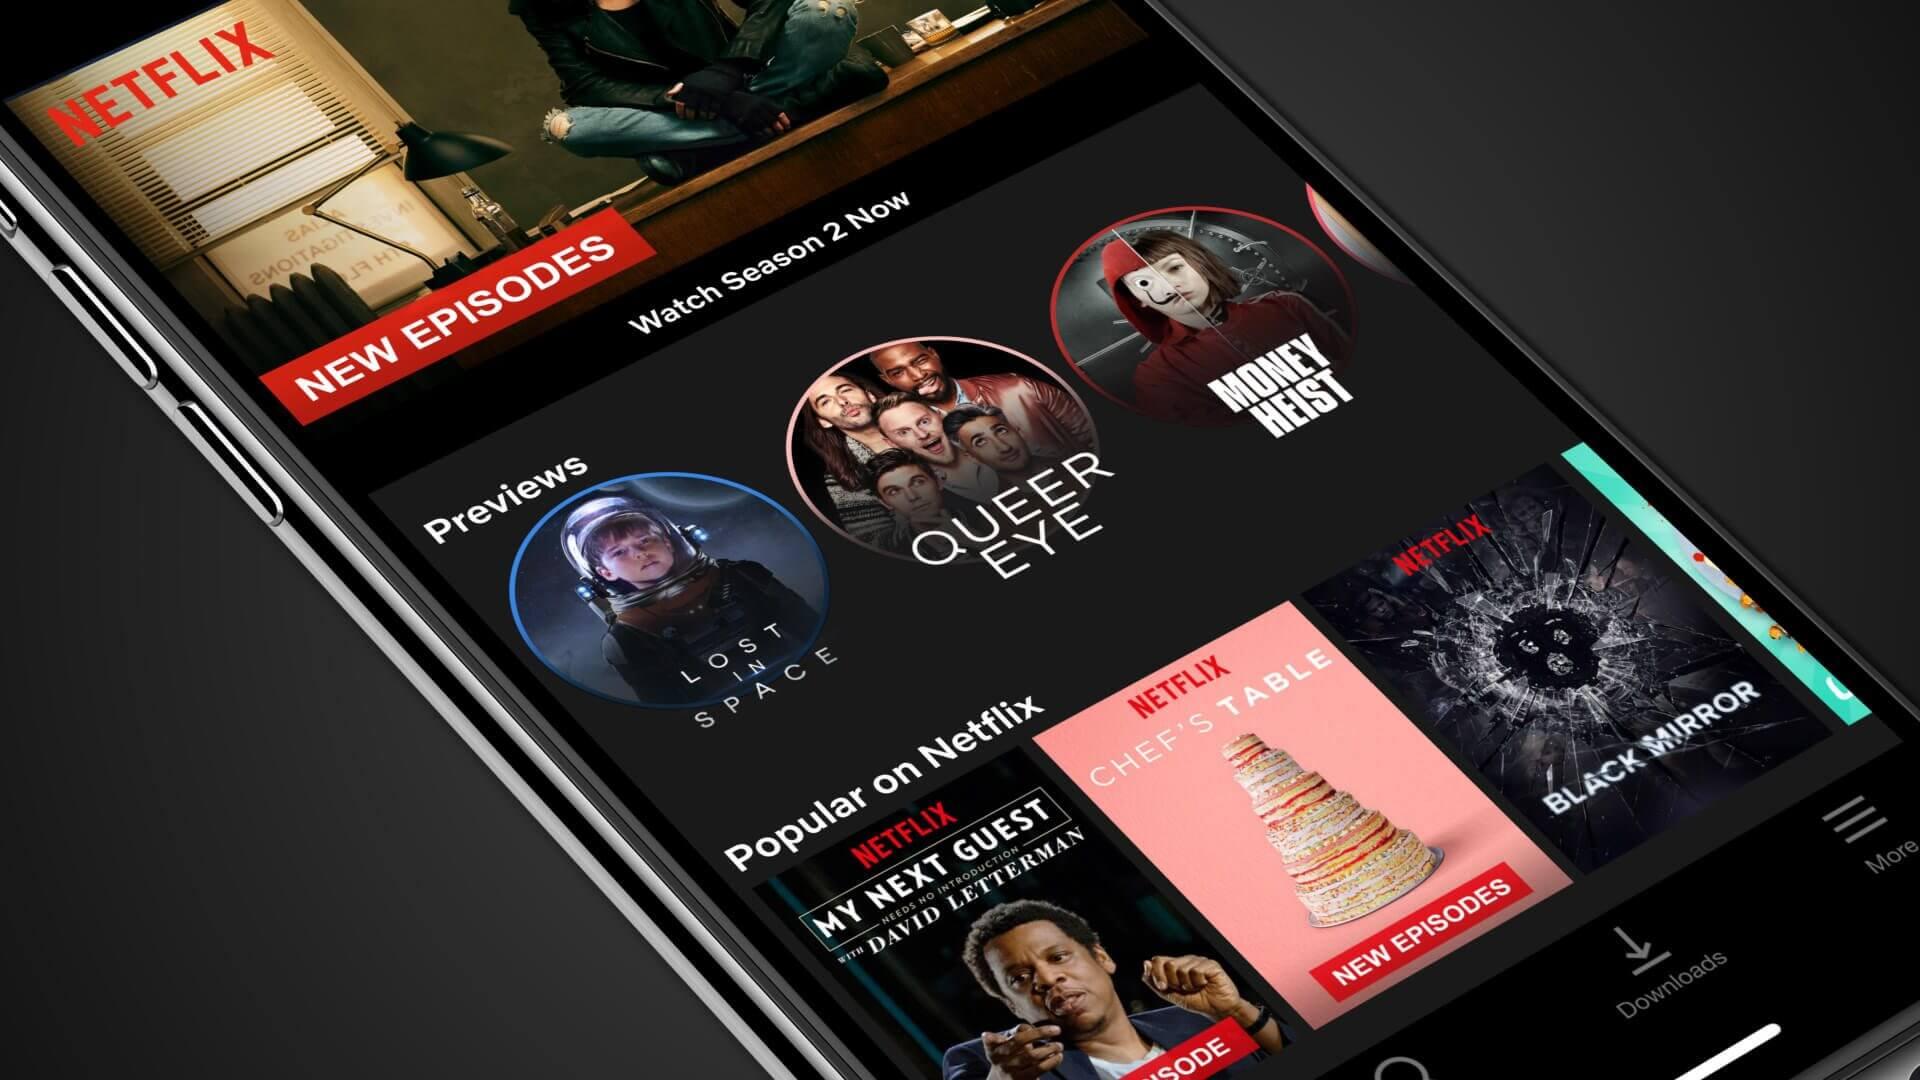 Netflix ganha recurso semelhante aos Stories do Instagram 3